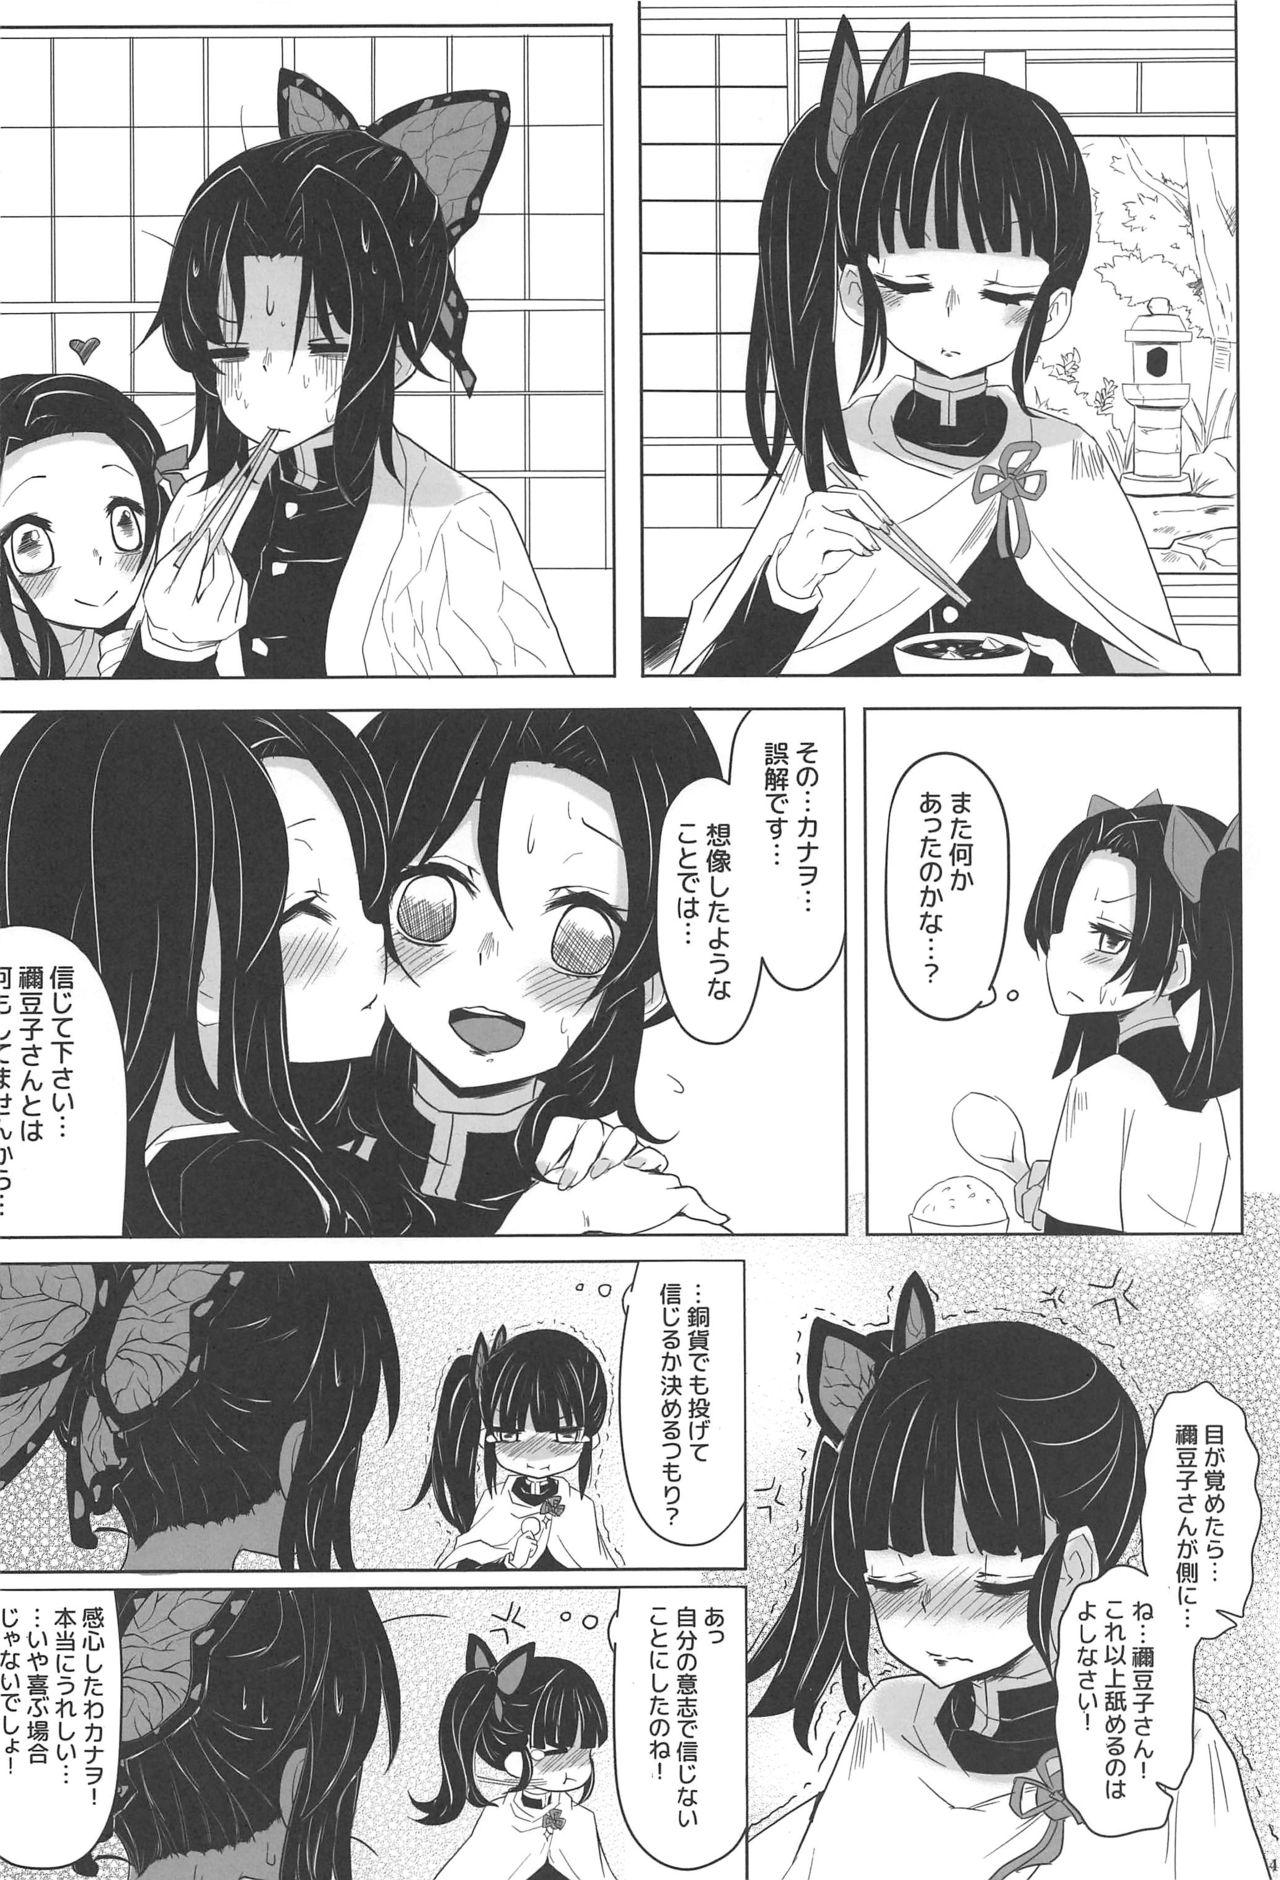 Saikin, Imouto no Yousu ga Chotto Okashiin daga. 4